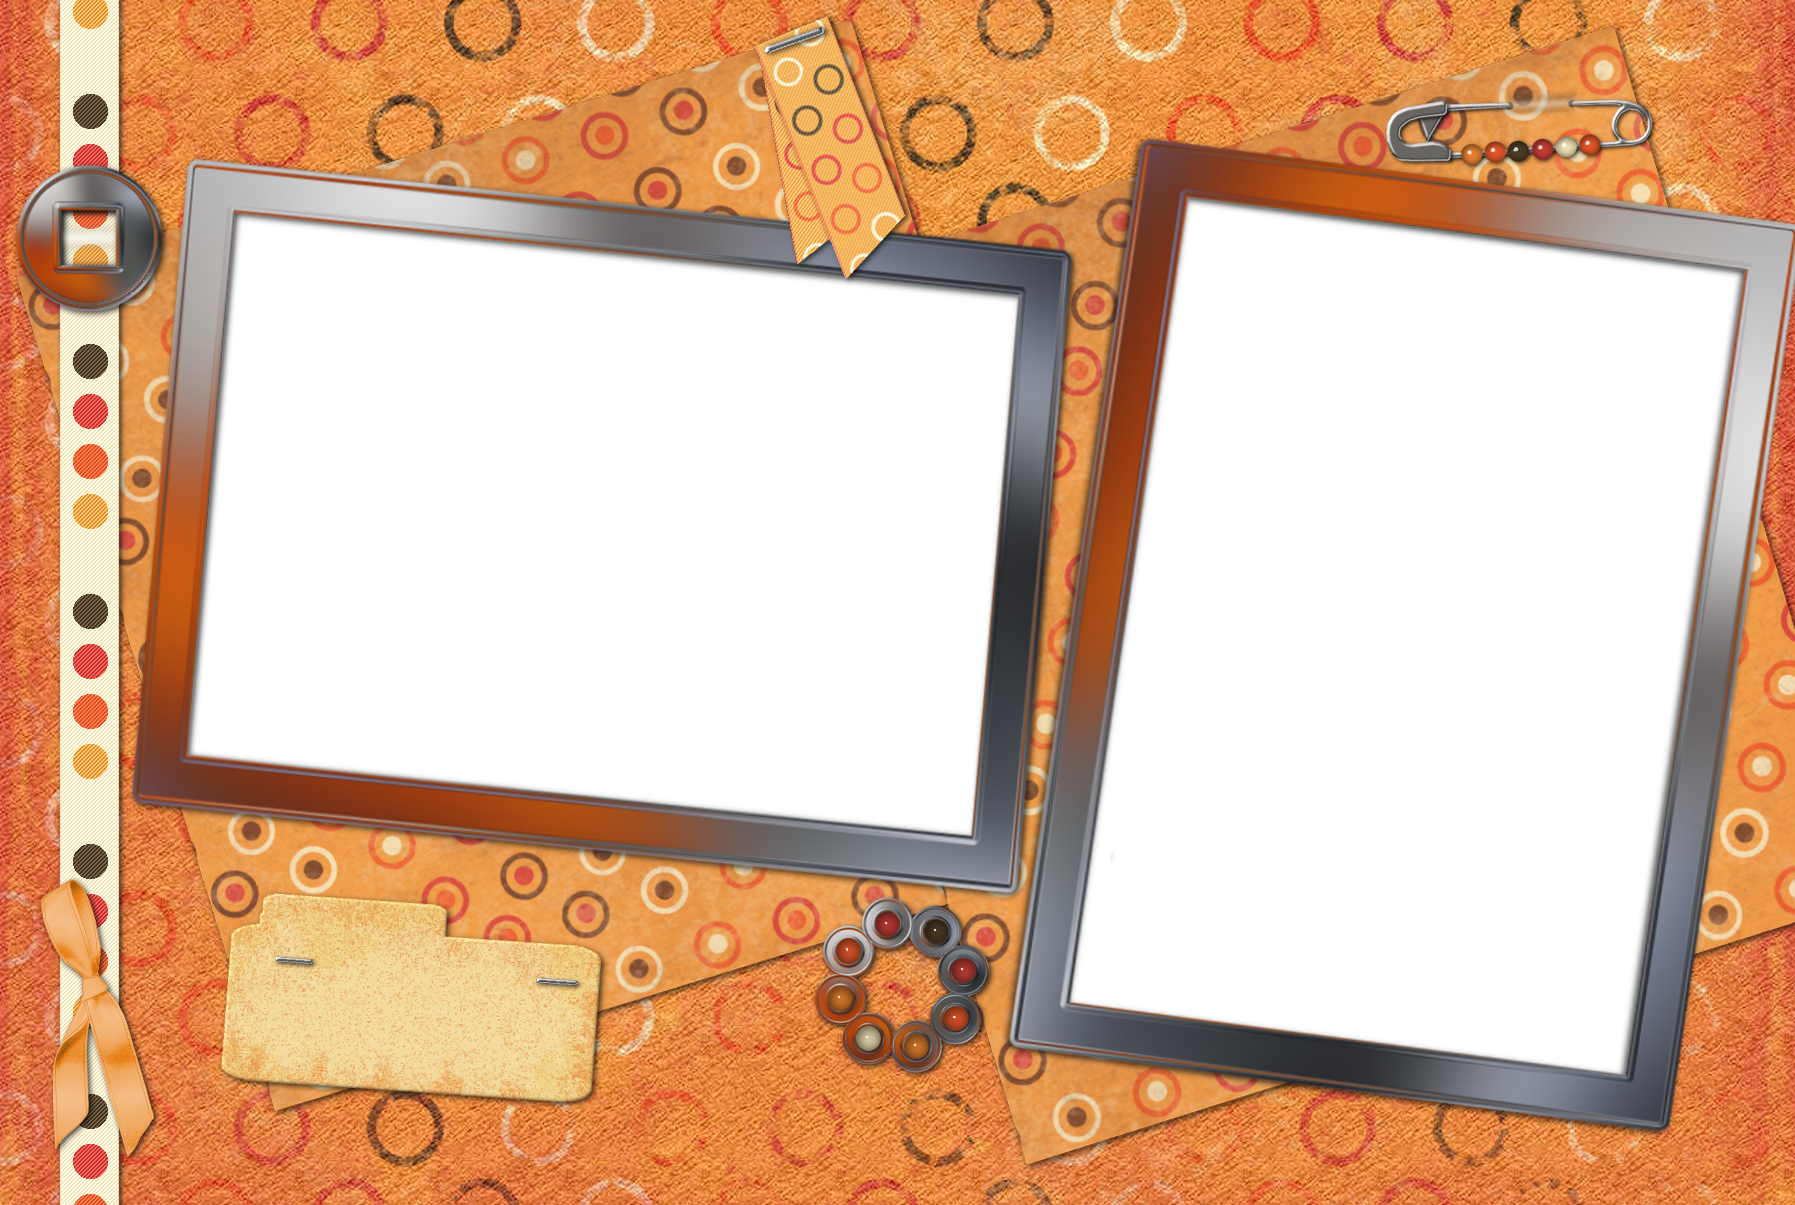 Как сделать два фото в одной рамке в контакте9